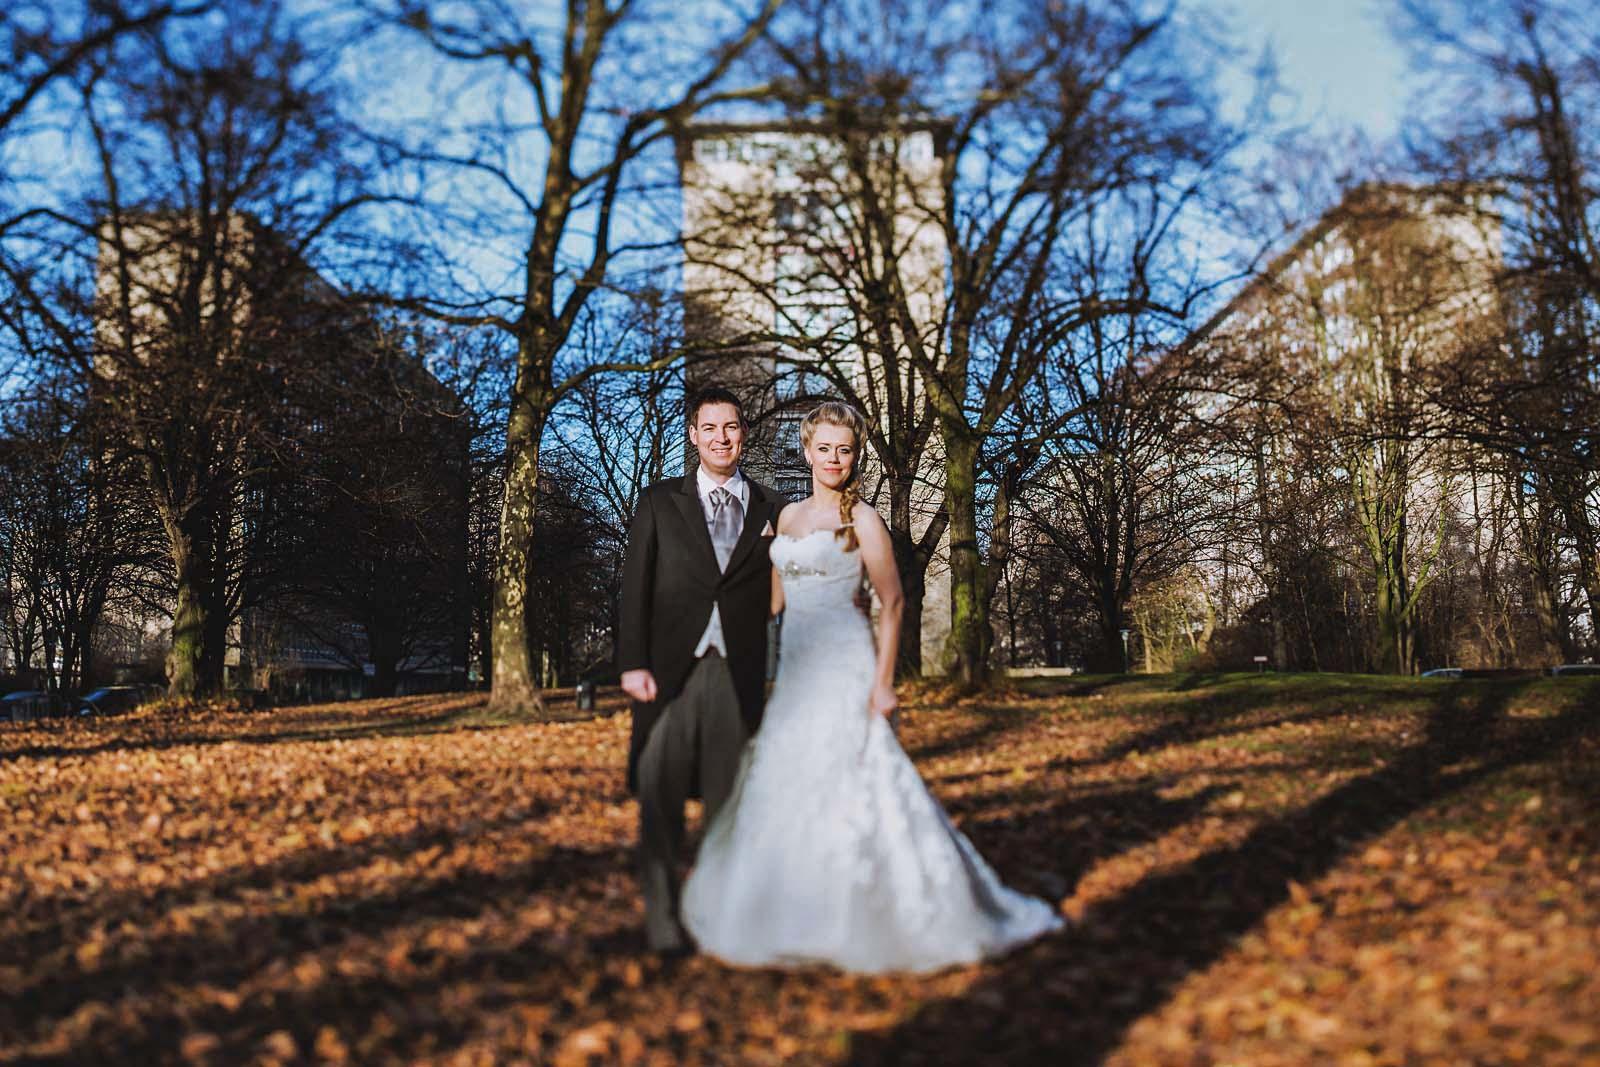 Hochzeitsfotograf fotografiert ein Brautpaar in Hamburg Copyright by Hochzeitsfotograf www.berliner-hochzeitsfotografie.de